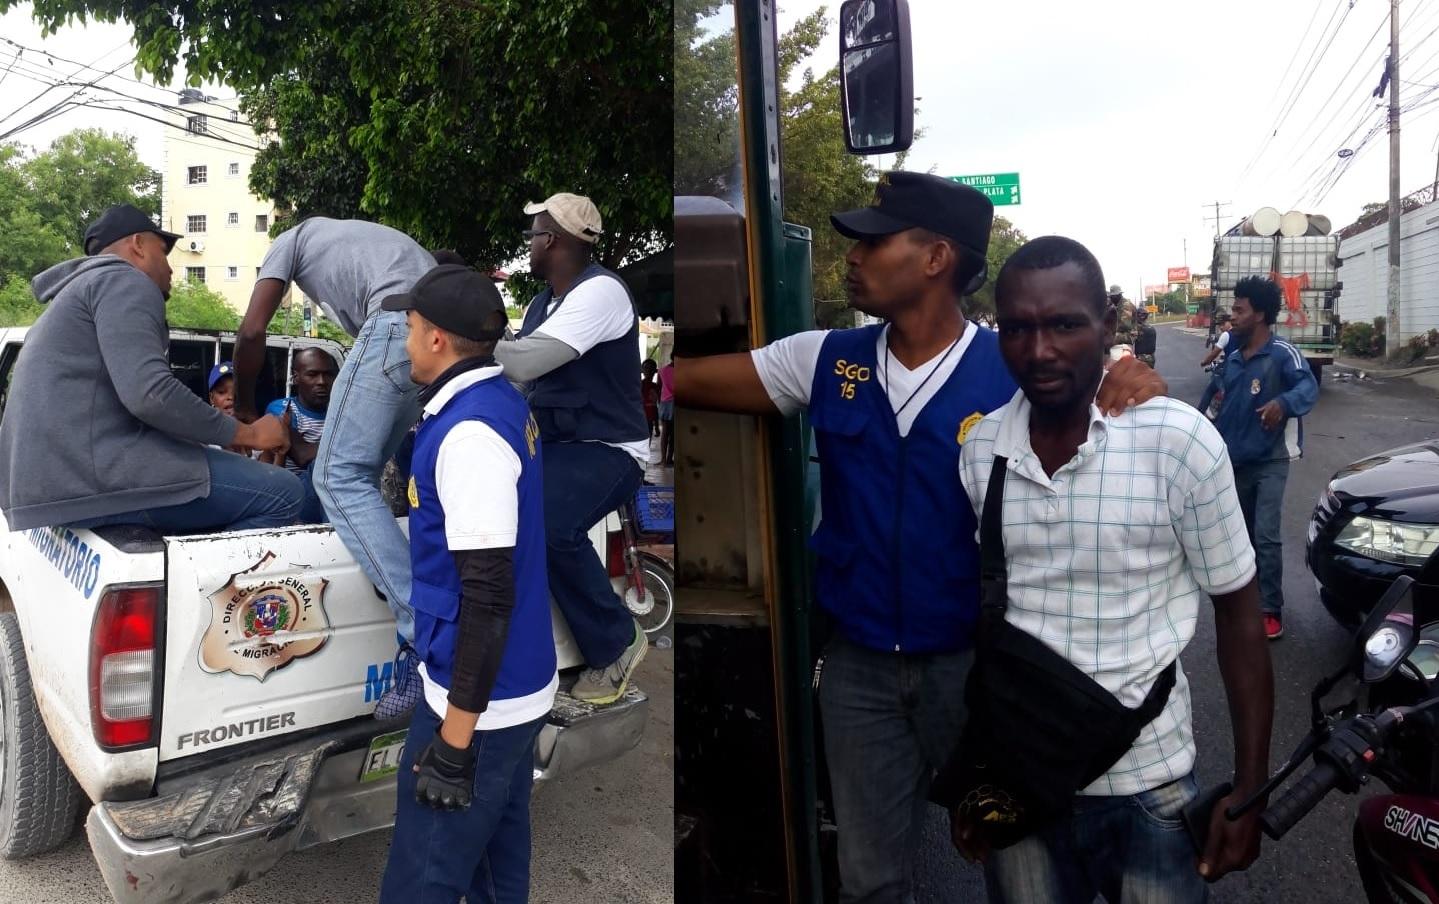 República Dominicana deportó en marzo a 10,315 extranjeros indocumentados